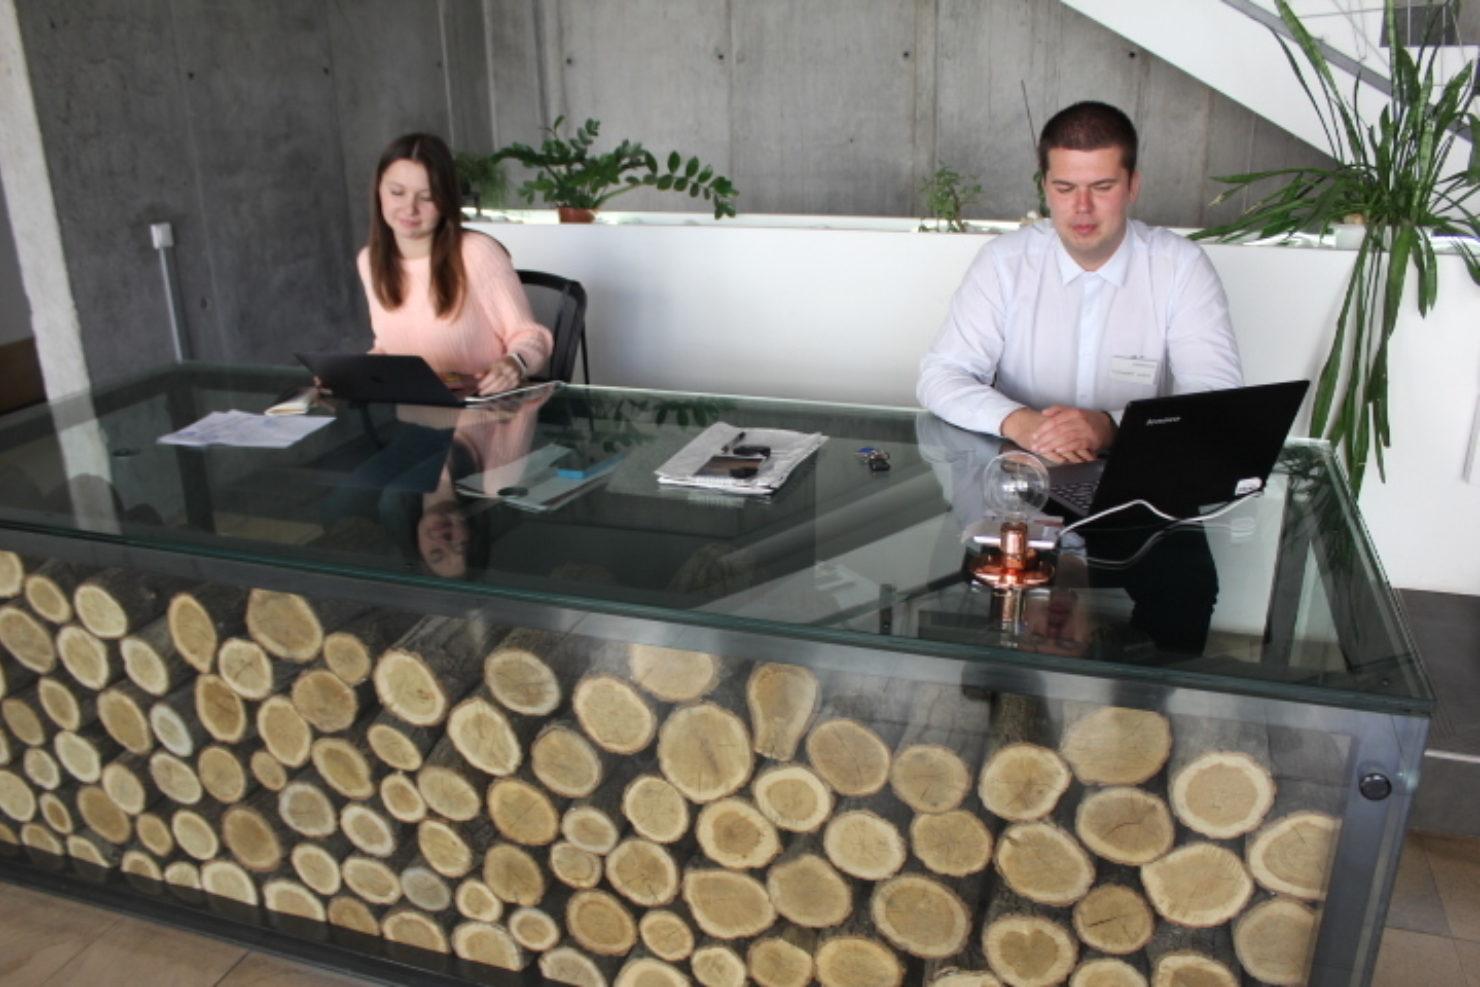 інтерв'ю:Керівник студії Vintage Євген Кудрявченко: «Ми стали однією з перших студій в Україні, яка зважилася так інвестувати в проект: просидіти півроку без зарплати». Коли ми починали, то рівнялися на топові українські студії.